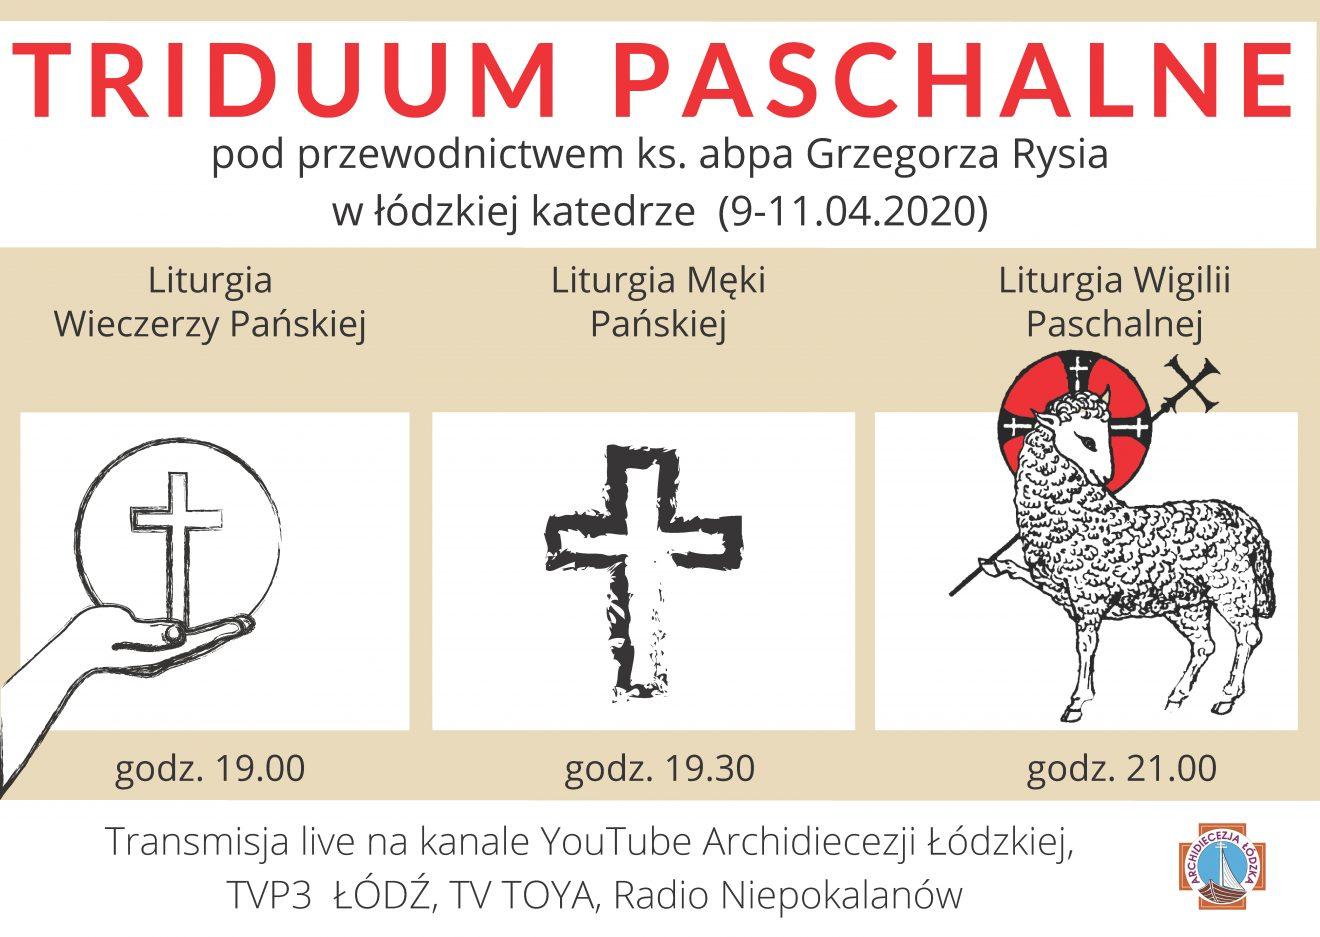 Celebracje Triduum Paschalnego z abp. Rysiem z łódzkiej katedry